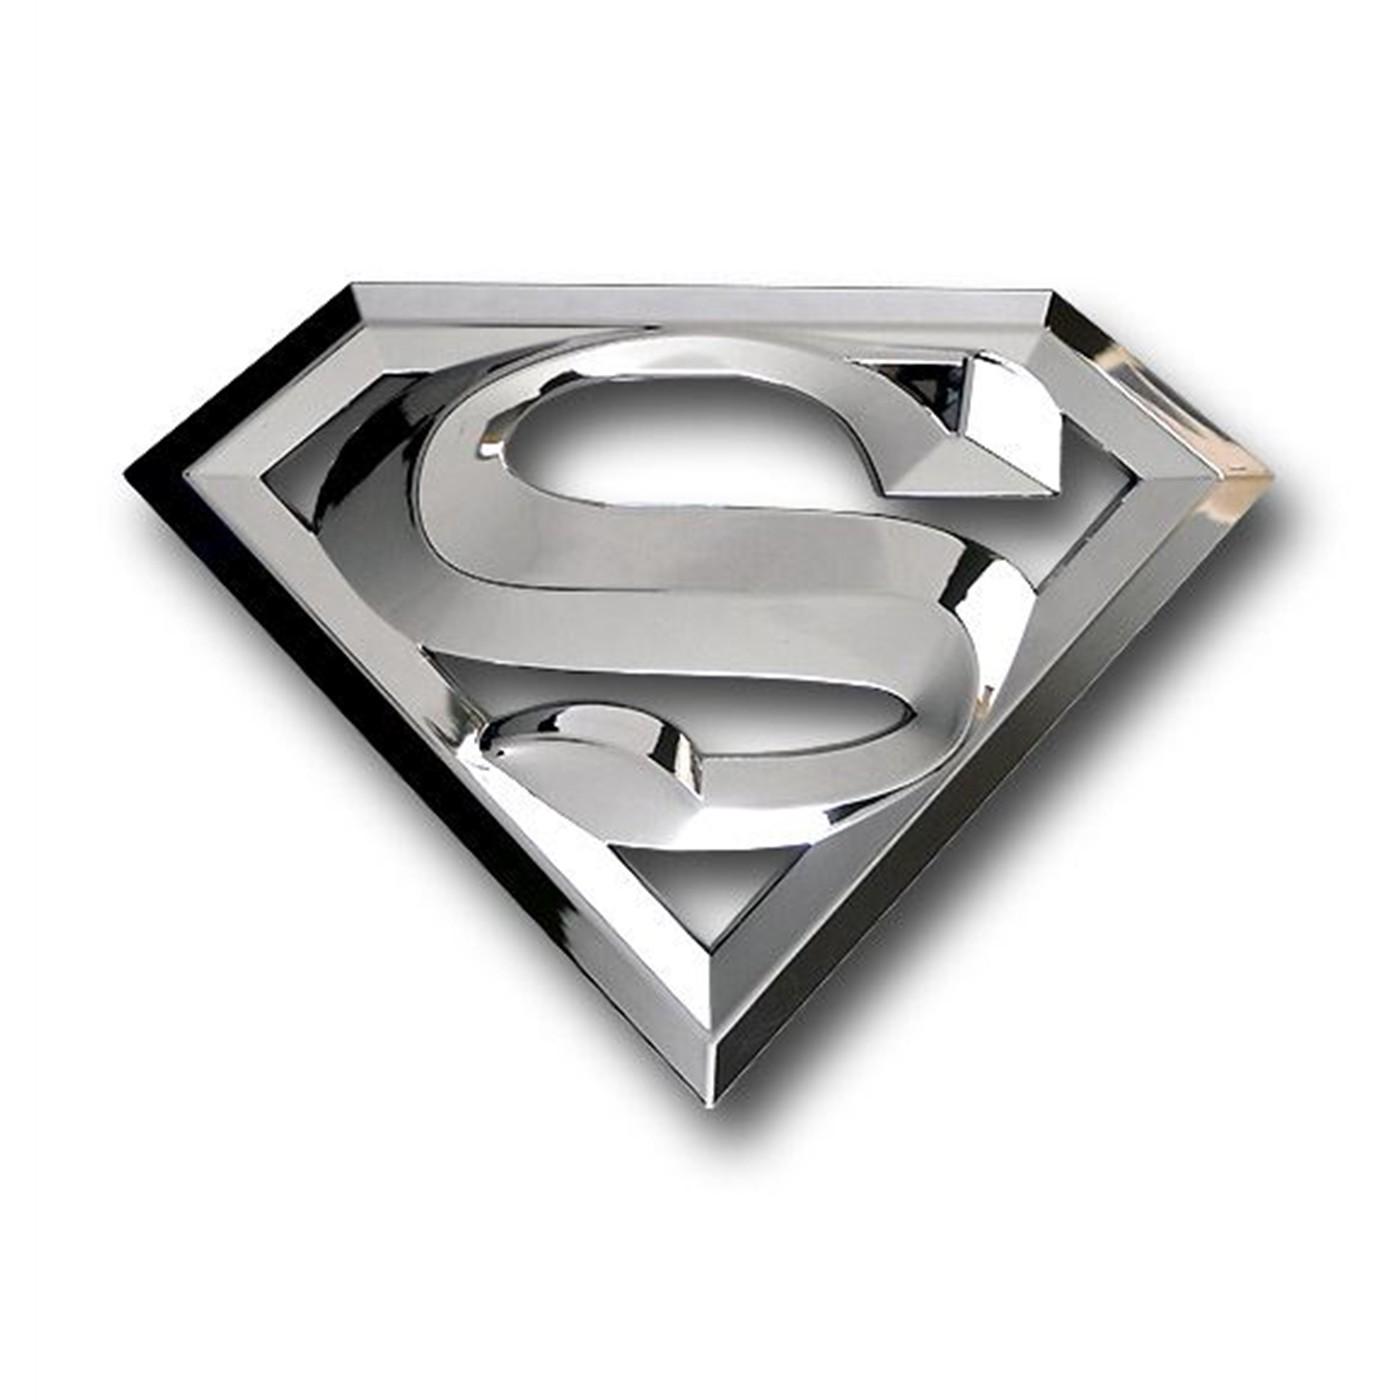 Superman 3D Chrome Adhesive Car Emblem